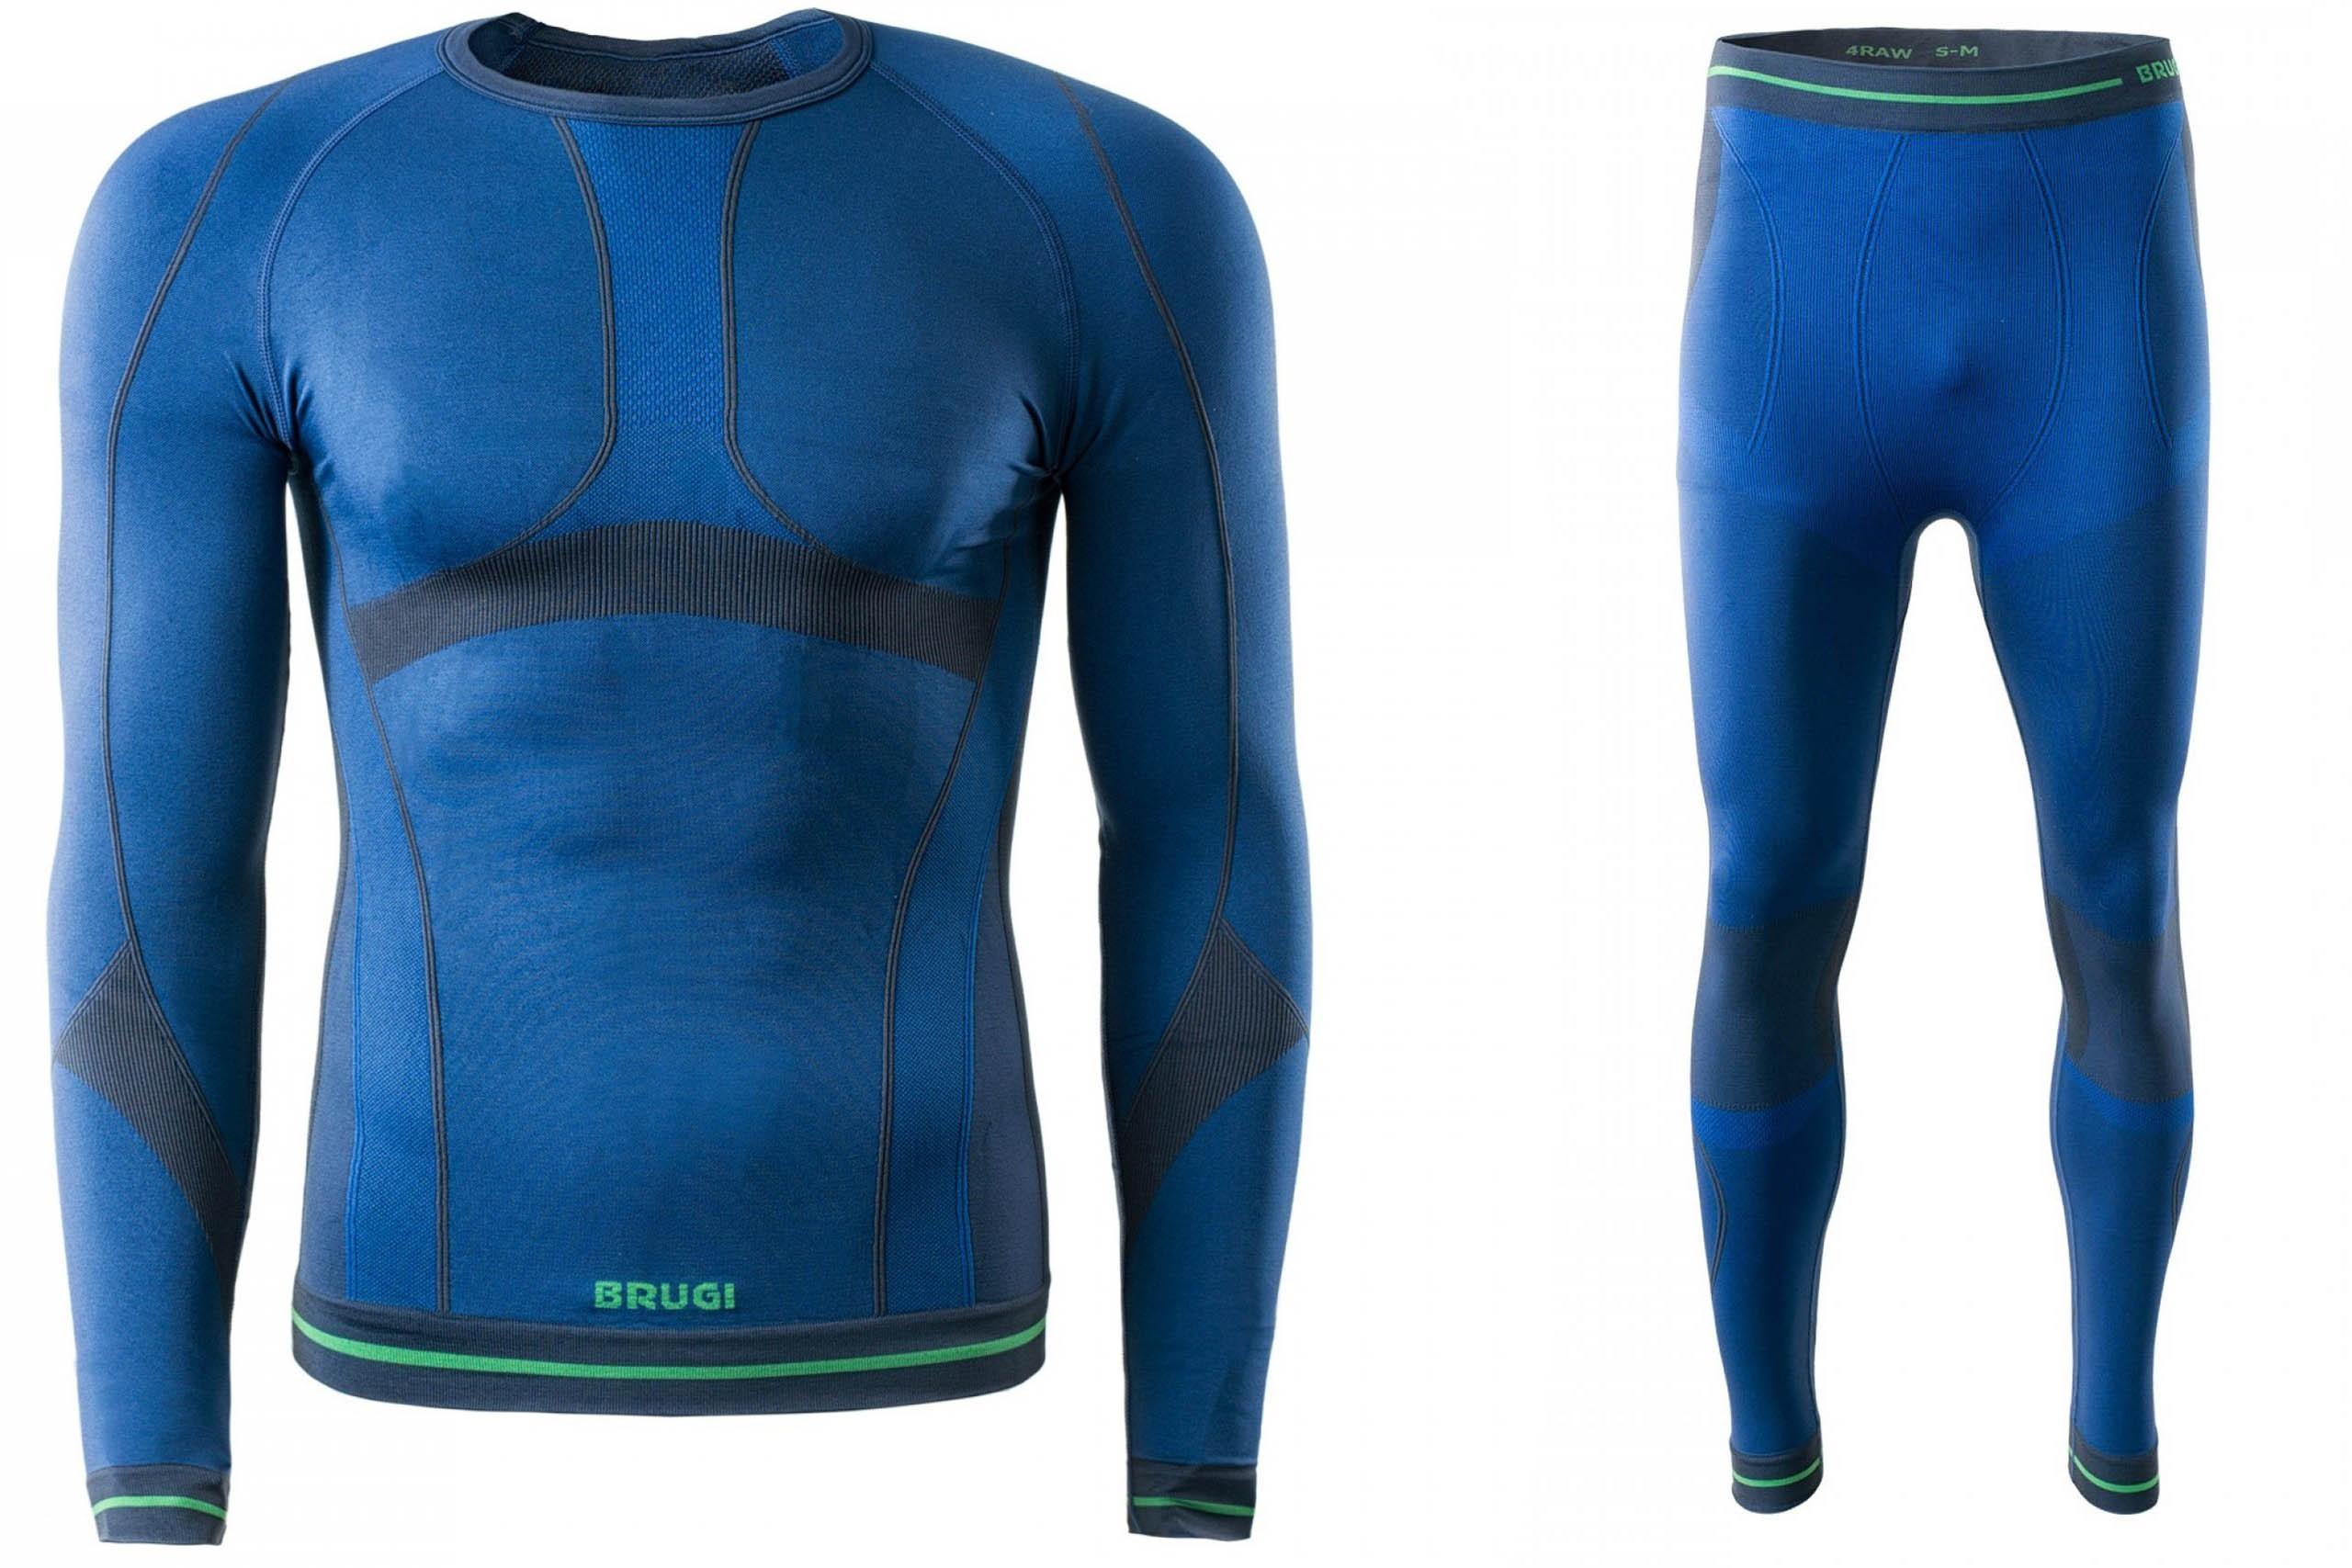 Bielizna termoaktywna BRUGI męska 4RAW+4RAT L/XL niebieska NWZ (spodnie+koszulka)